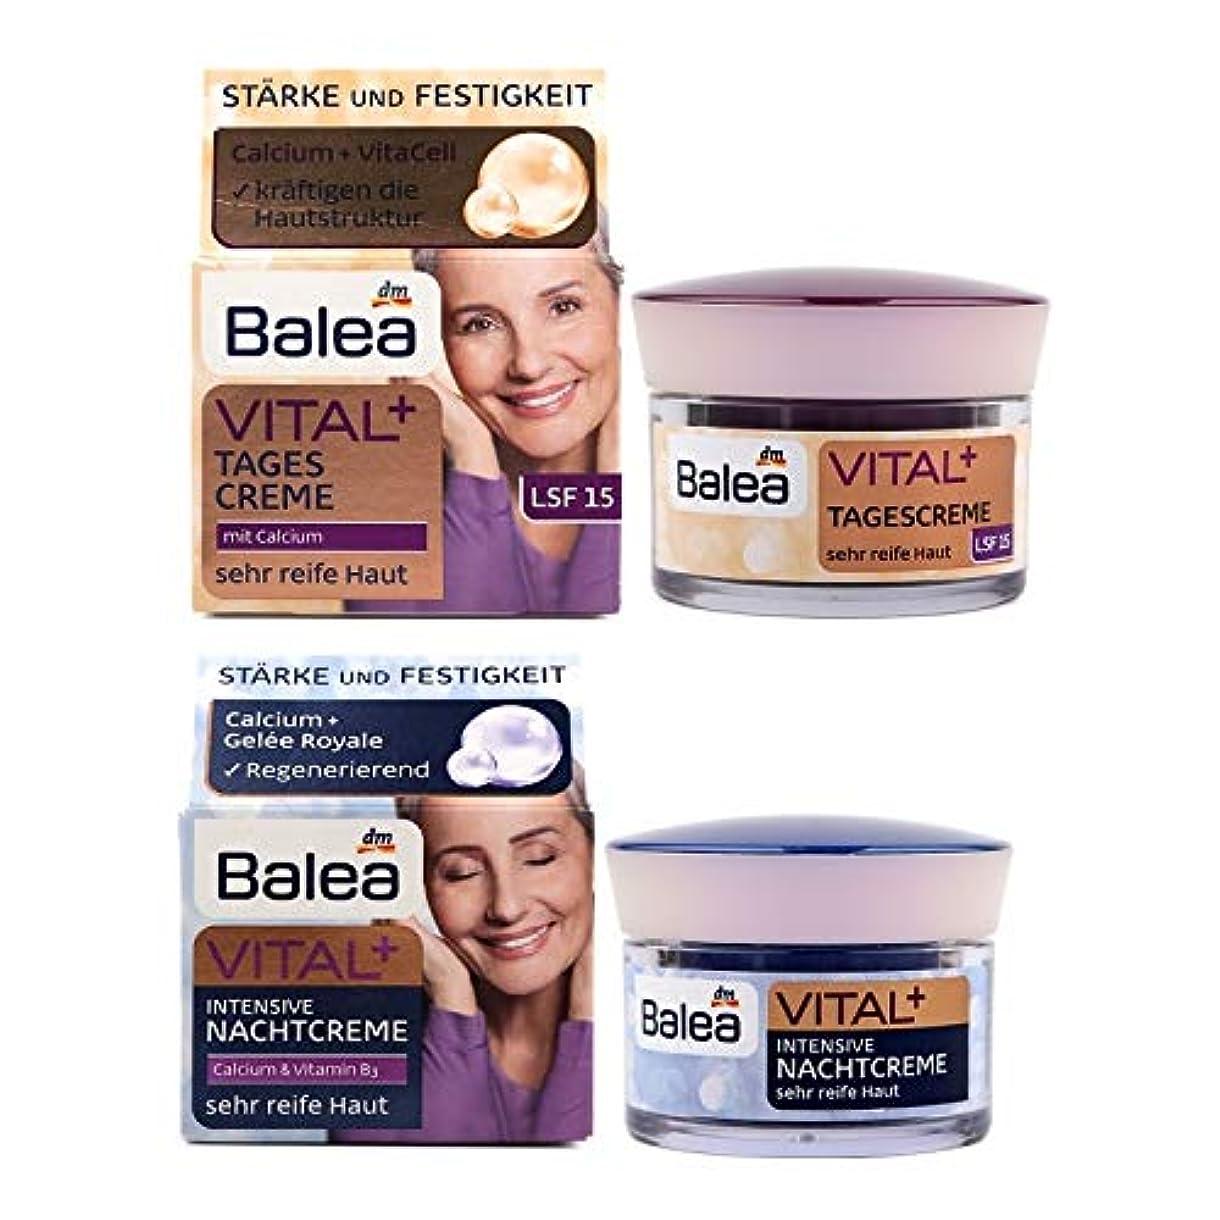 むしろ無視セーブアンチリンクルを70+する旧熟女年齢55+のためのBalea VITAL +デイクリーム+ナイトクリーム弾性ファーミングを強化